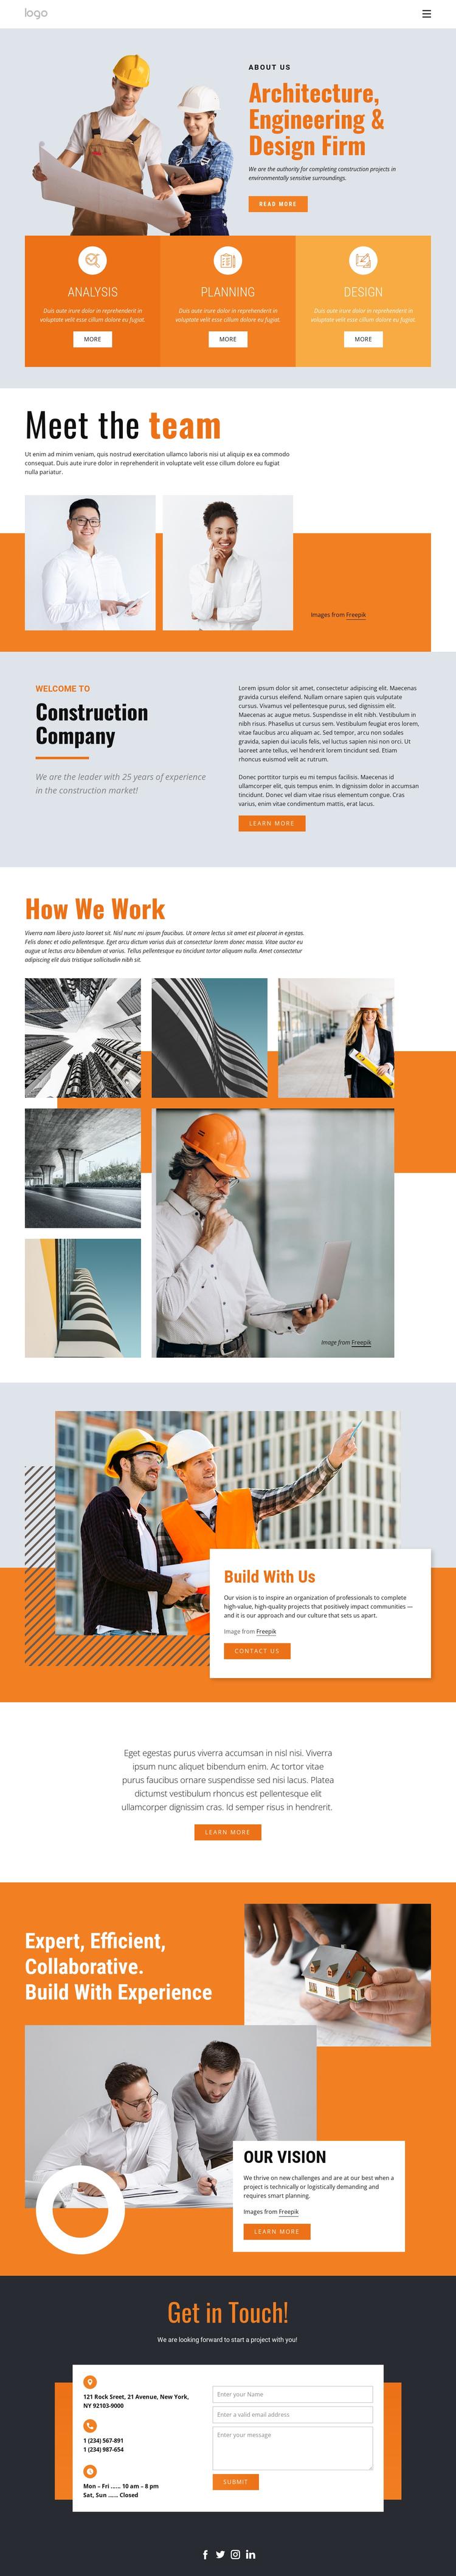 Engineering firm Website Builder Software